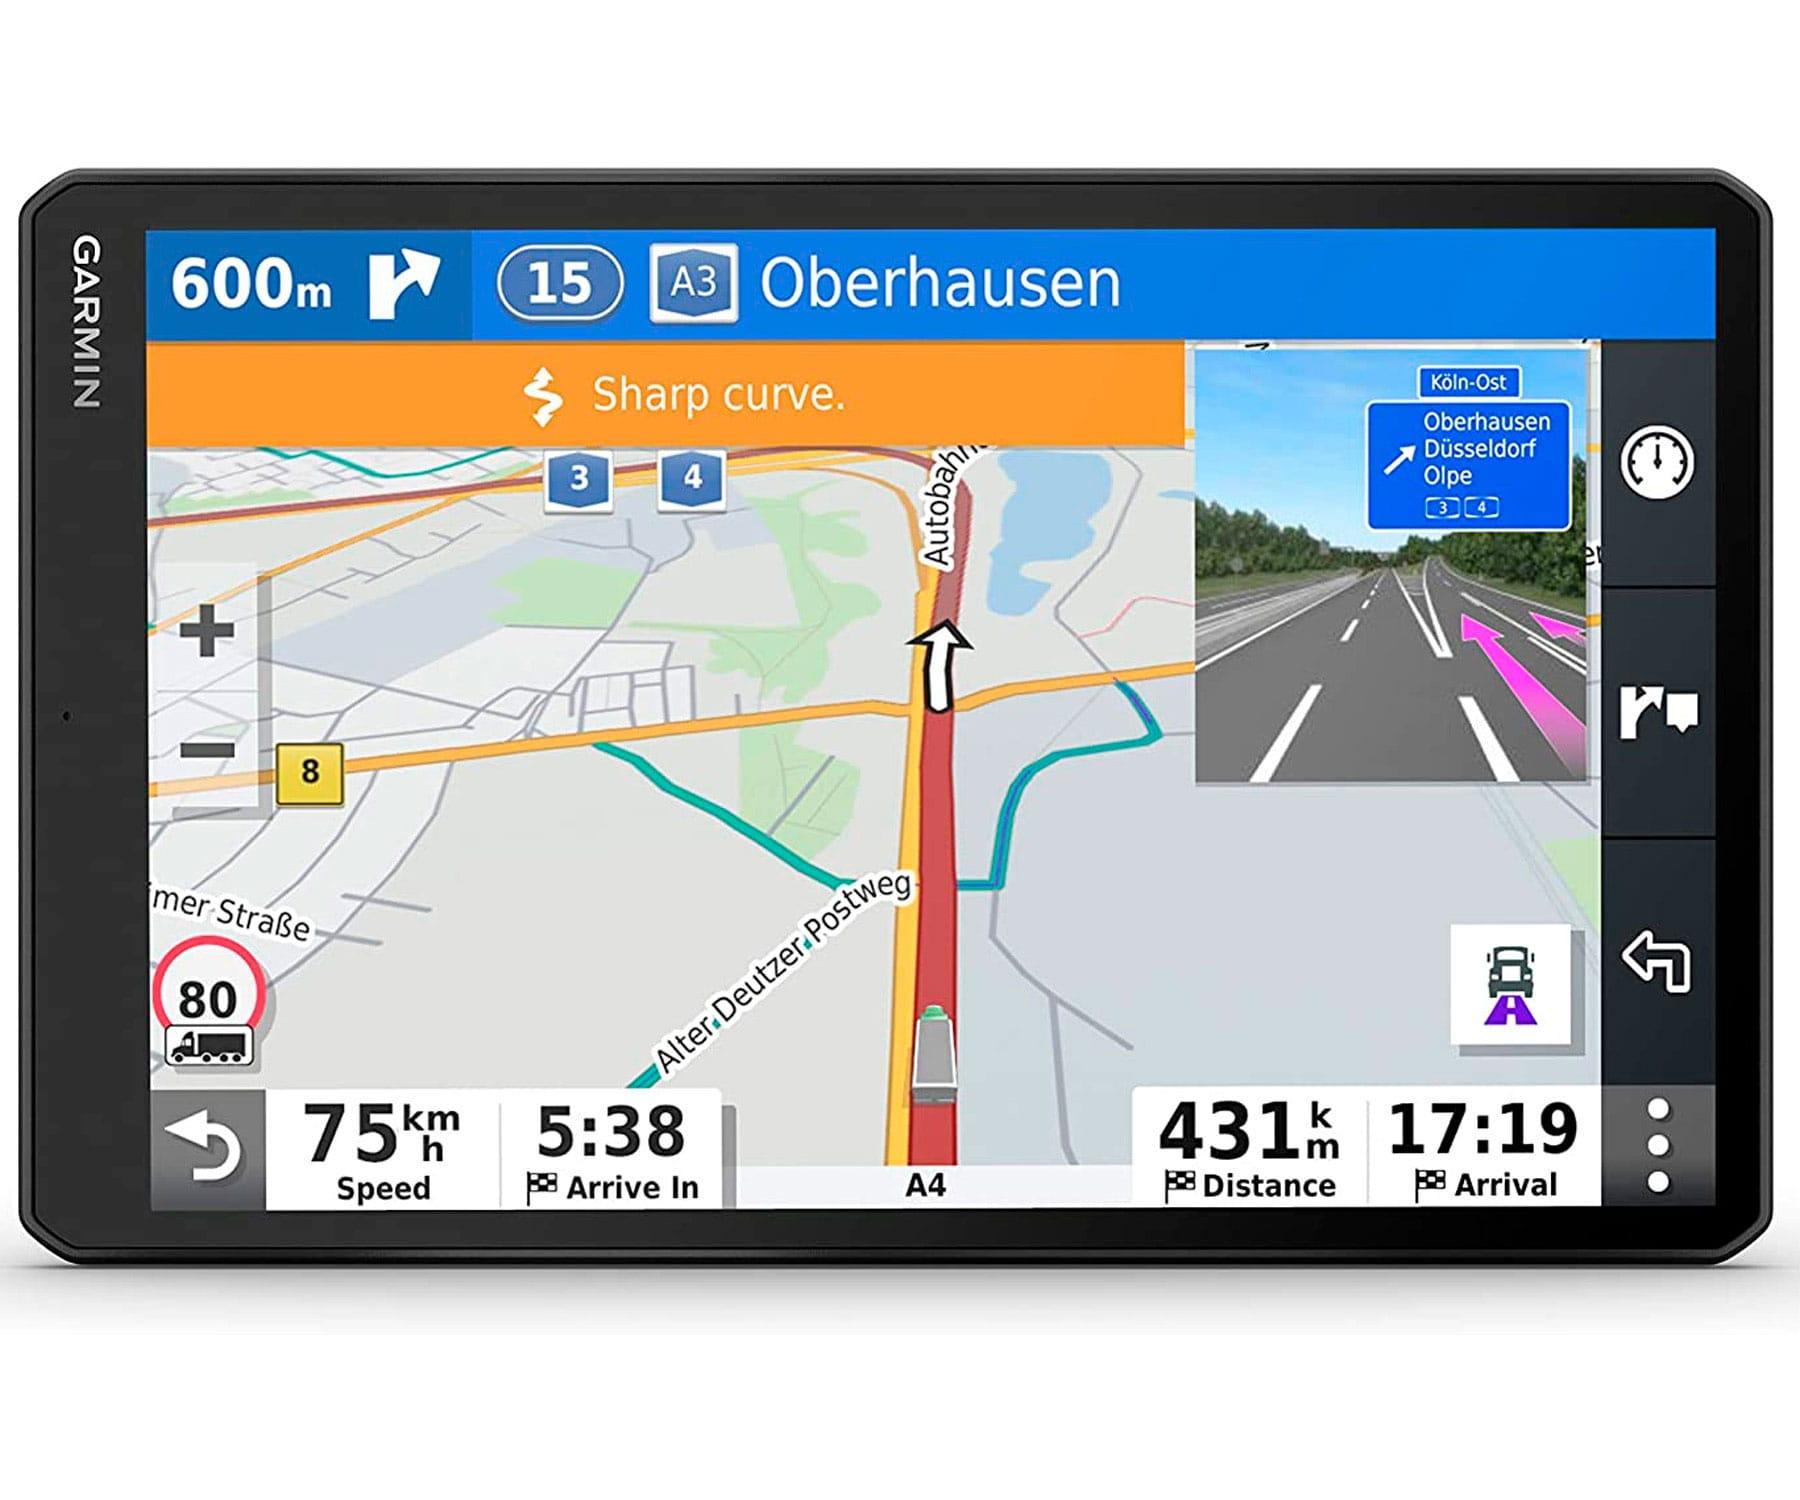 GARMIN DEZL LGV1000 NAVEGADOR PARA CAMIÓN 10'' GPS CON MAPAS PREINSTALADOS DE EUROPA